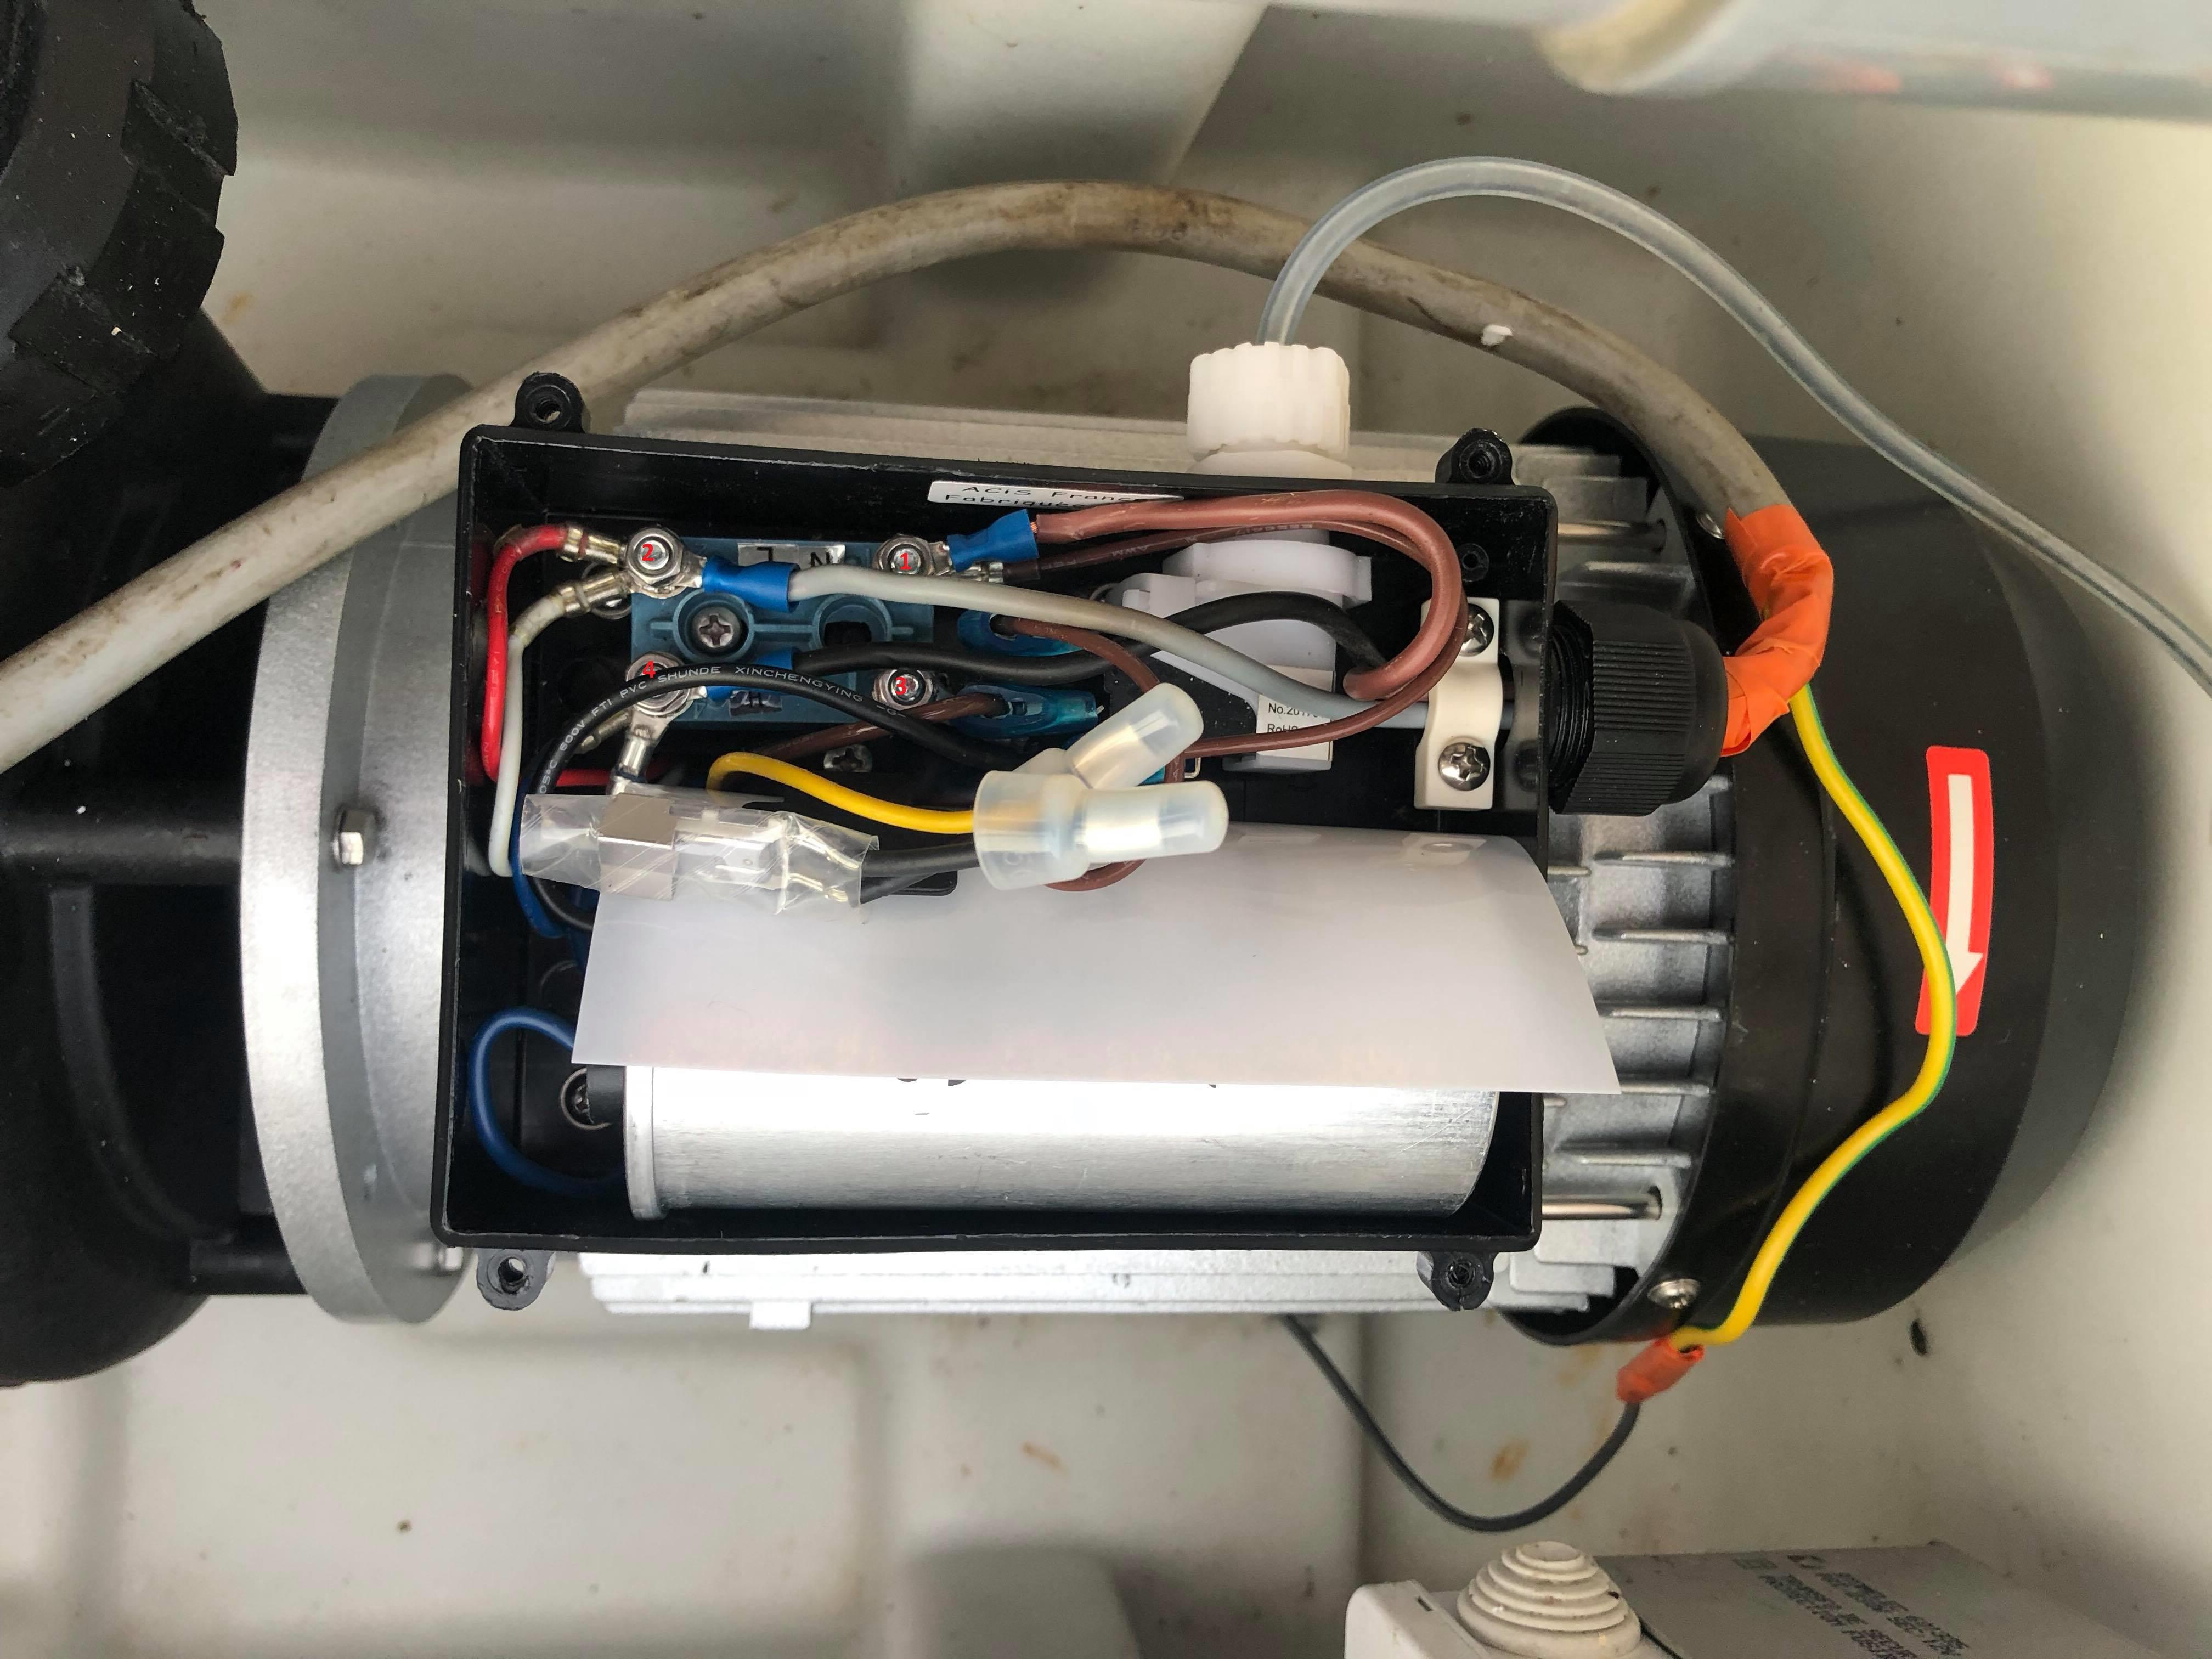 Hot Tub brancher le câblage